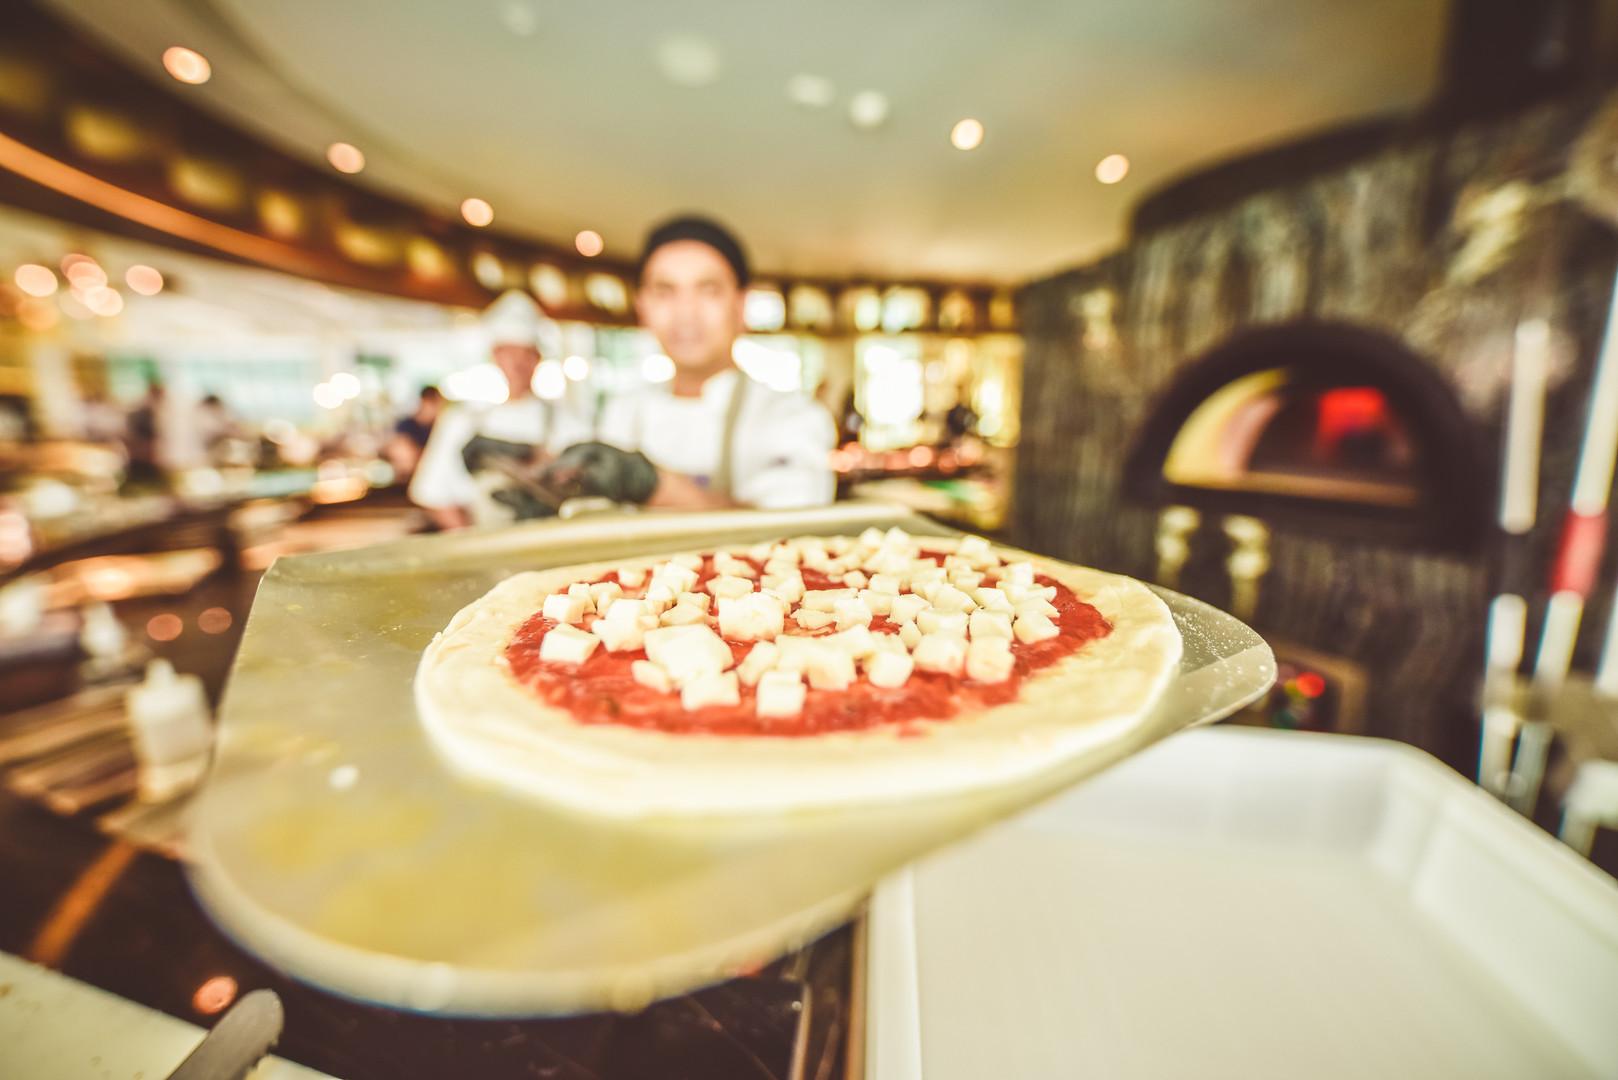 Cooking Class - Mozzarella, come è fatta?